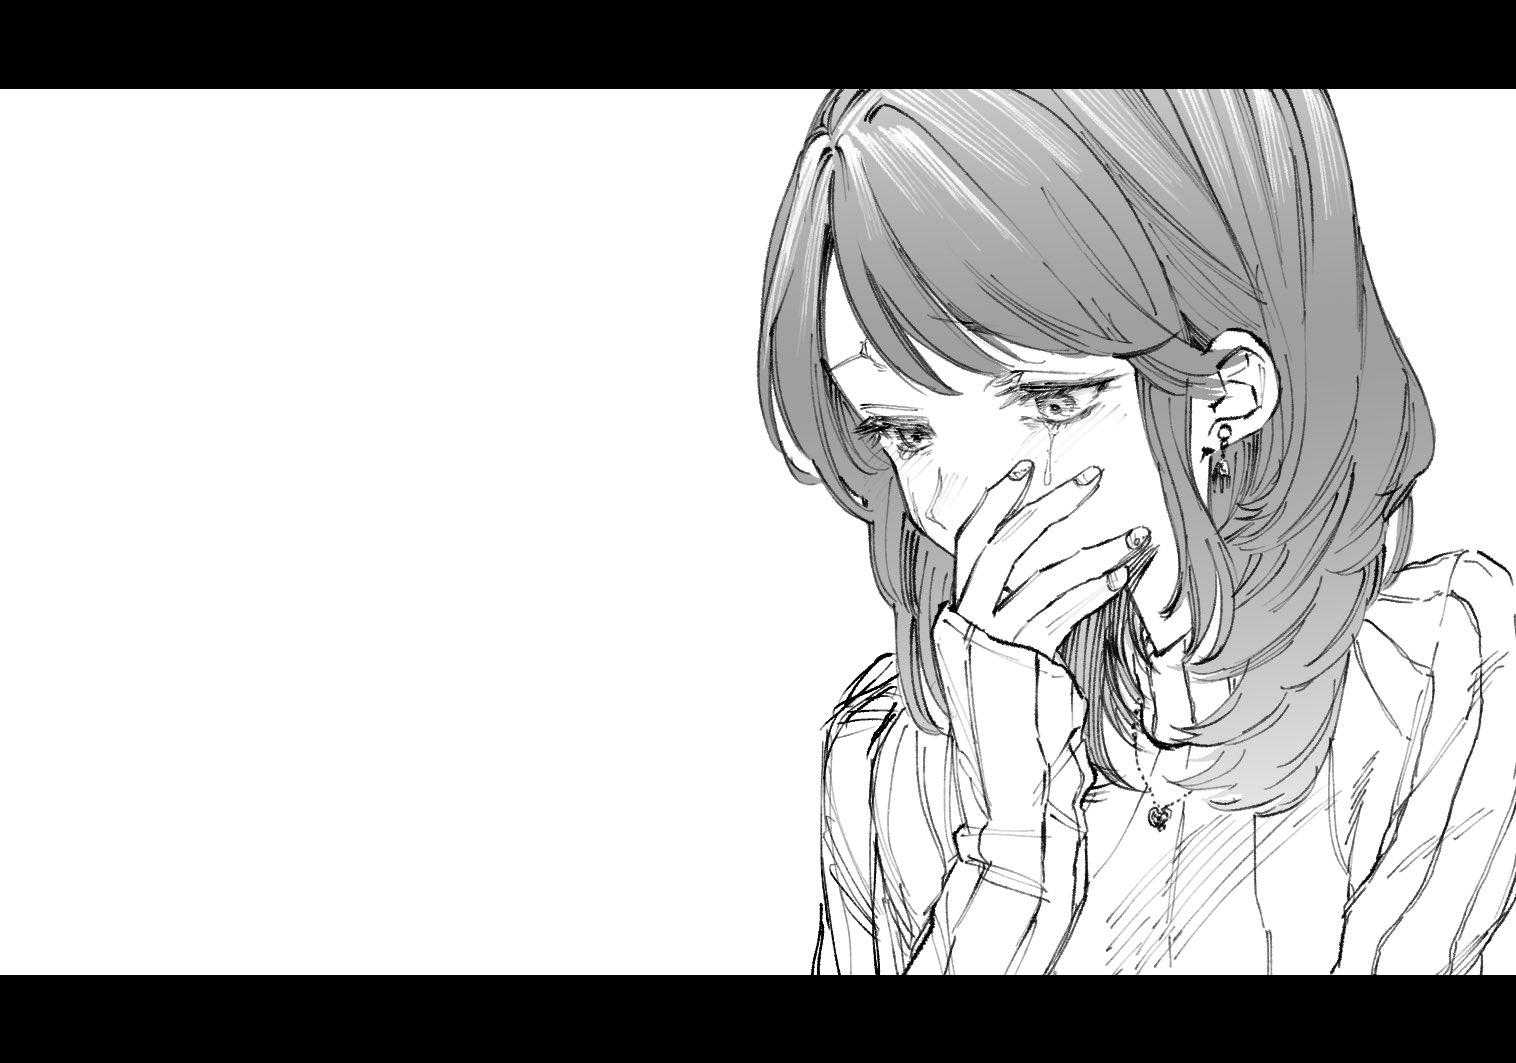 「あなたがそのつもりなら……」泣くだけ泣いた後の眼差しから読み取れるものは!?